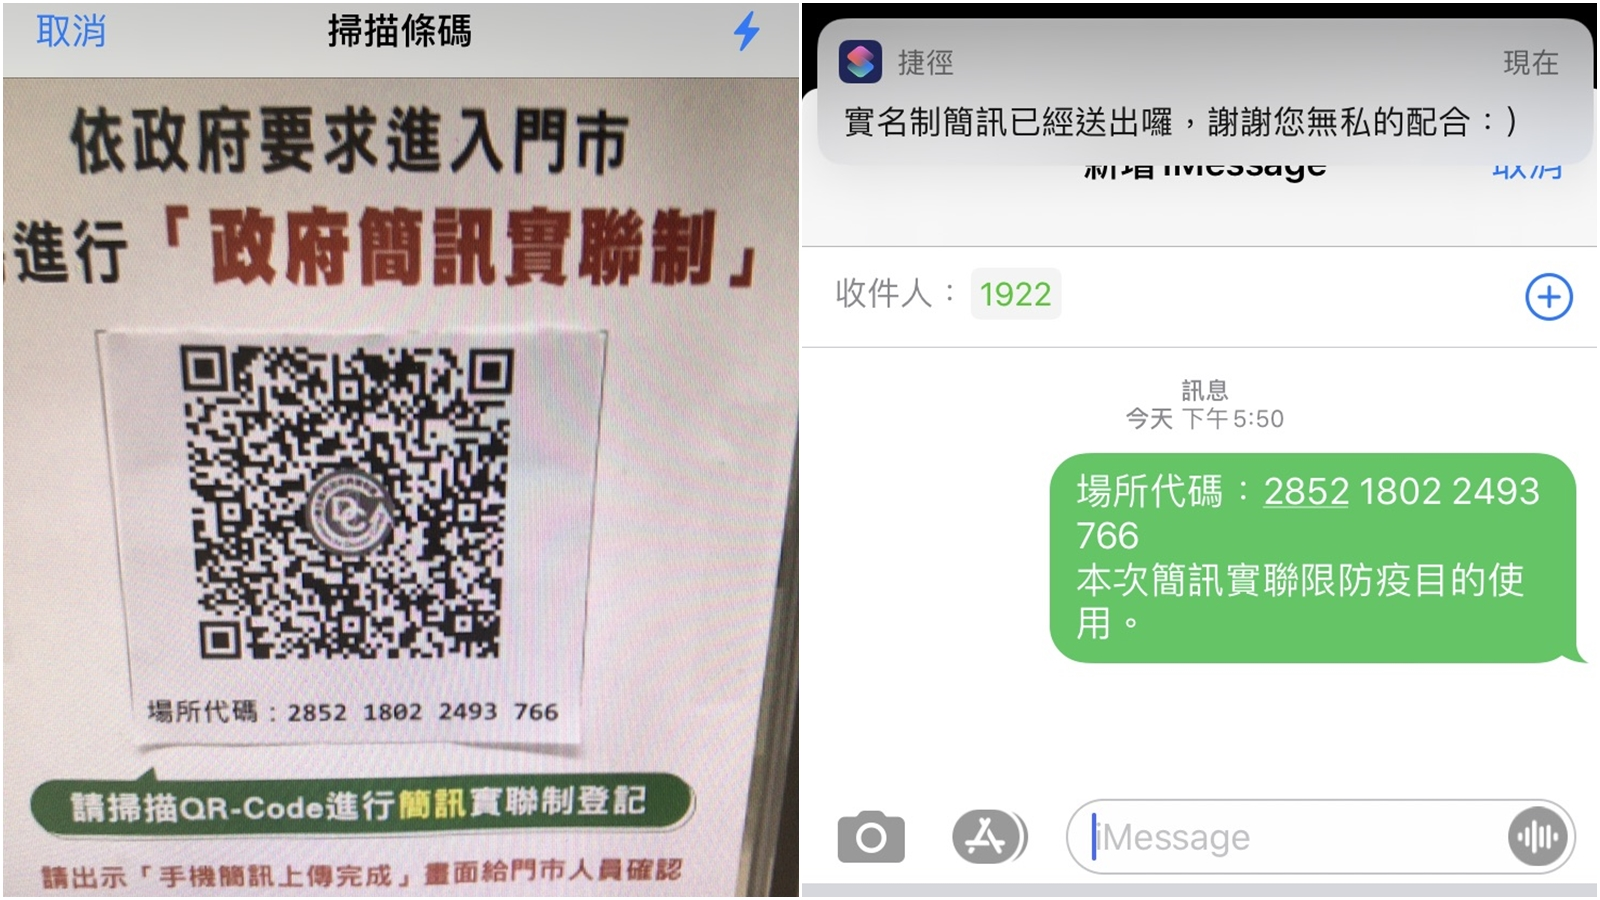 【手機專知】iPhone捷徑如何設定「簡訊實聯制」?神速掃描完成登記!